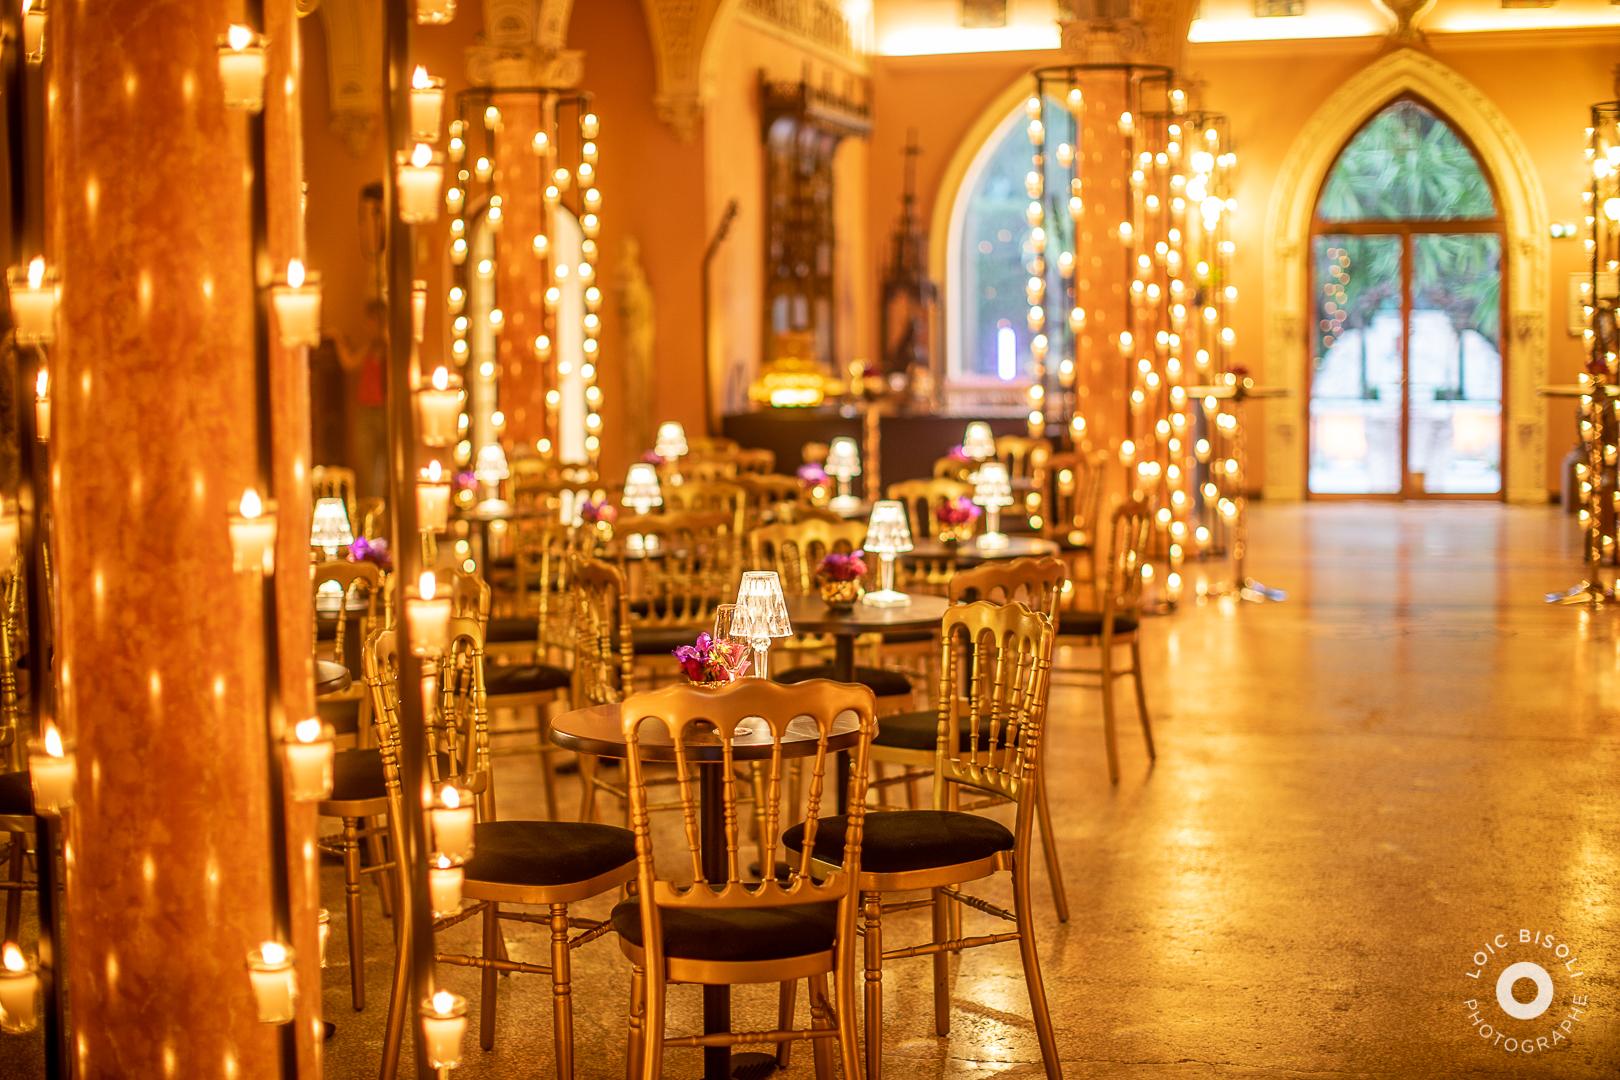 aucop-event-Studio Loic Bisoli-soirée-evenement-paca-Villa Ephrussi de Rothschild